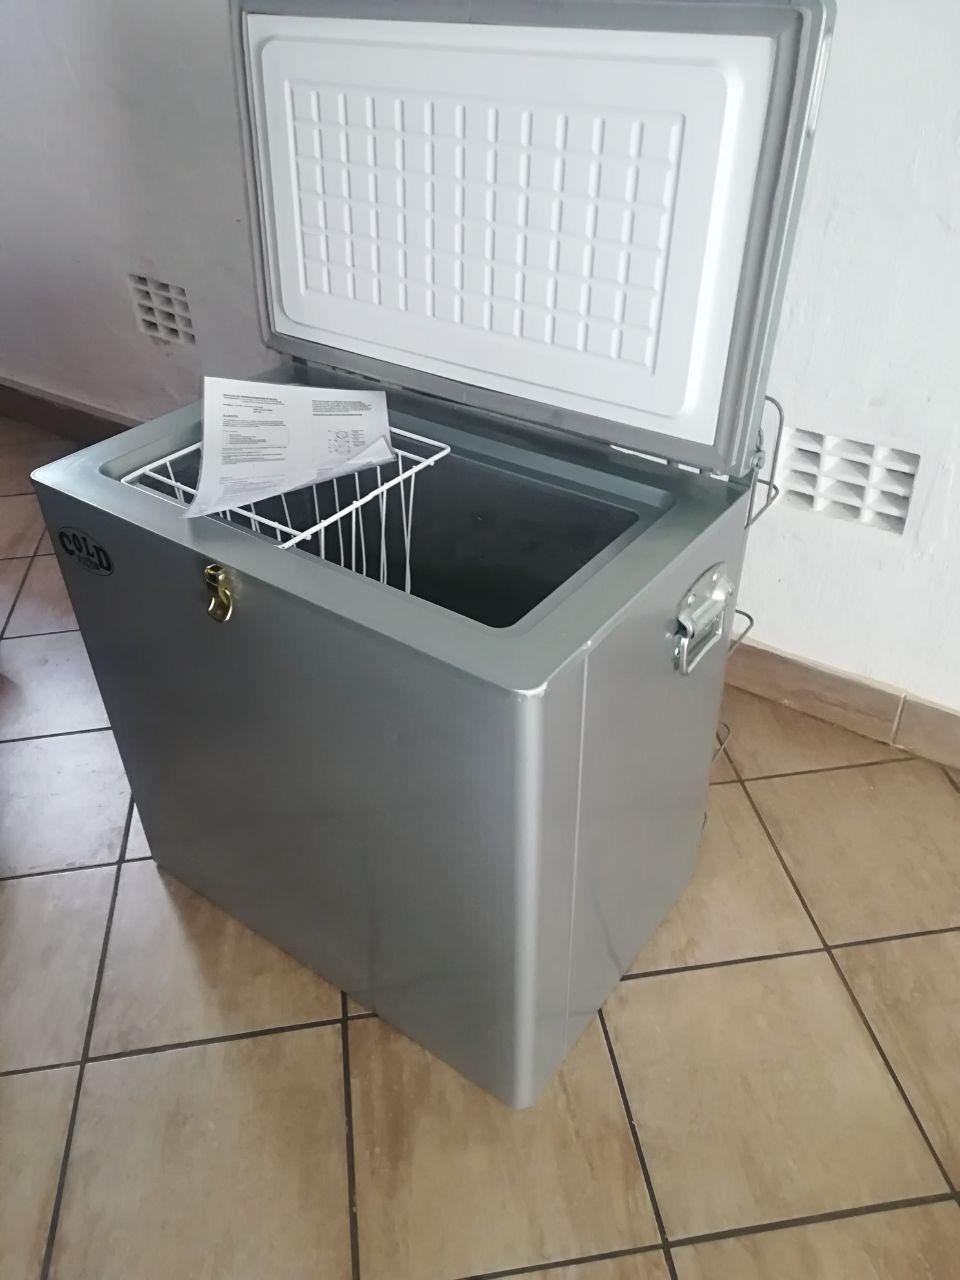 Camping Fridge/Freezer | Junk Mail